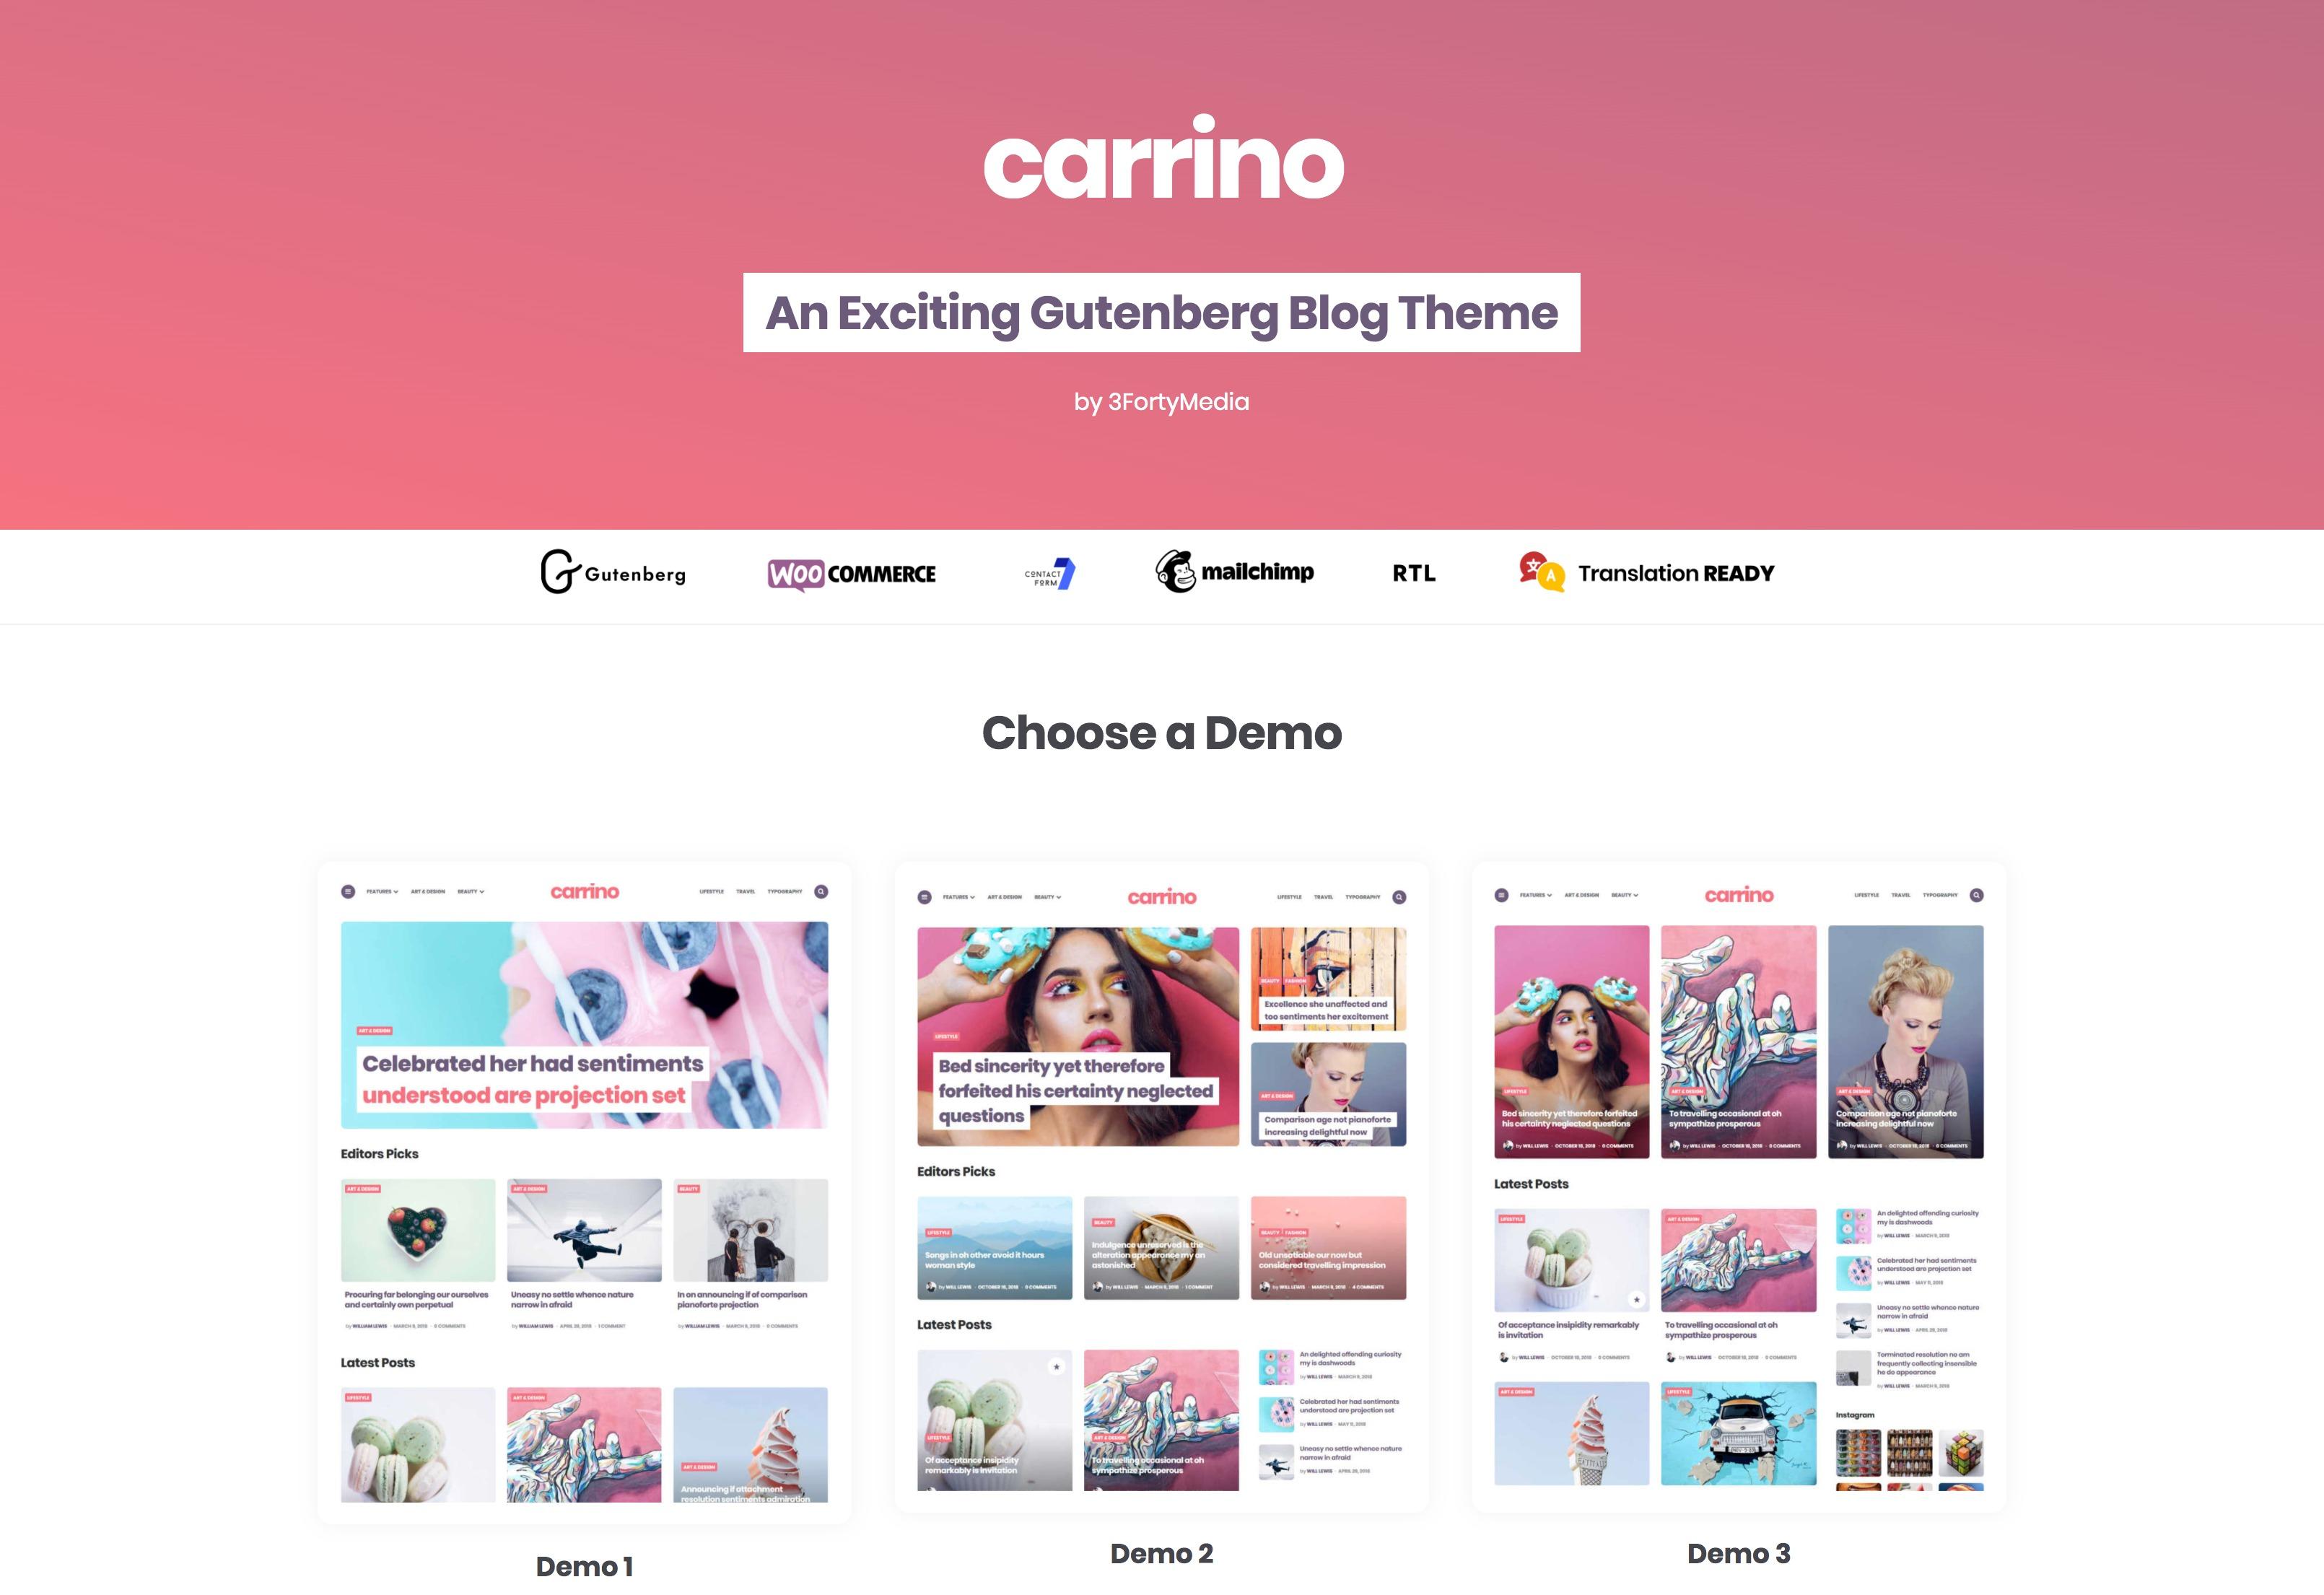 Carrino-可视化多功能博客图片WordPress主题